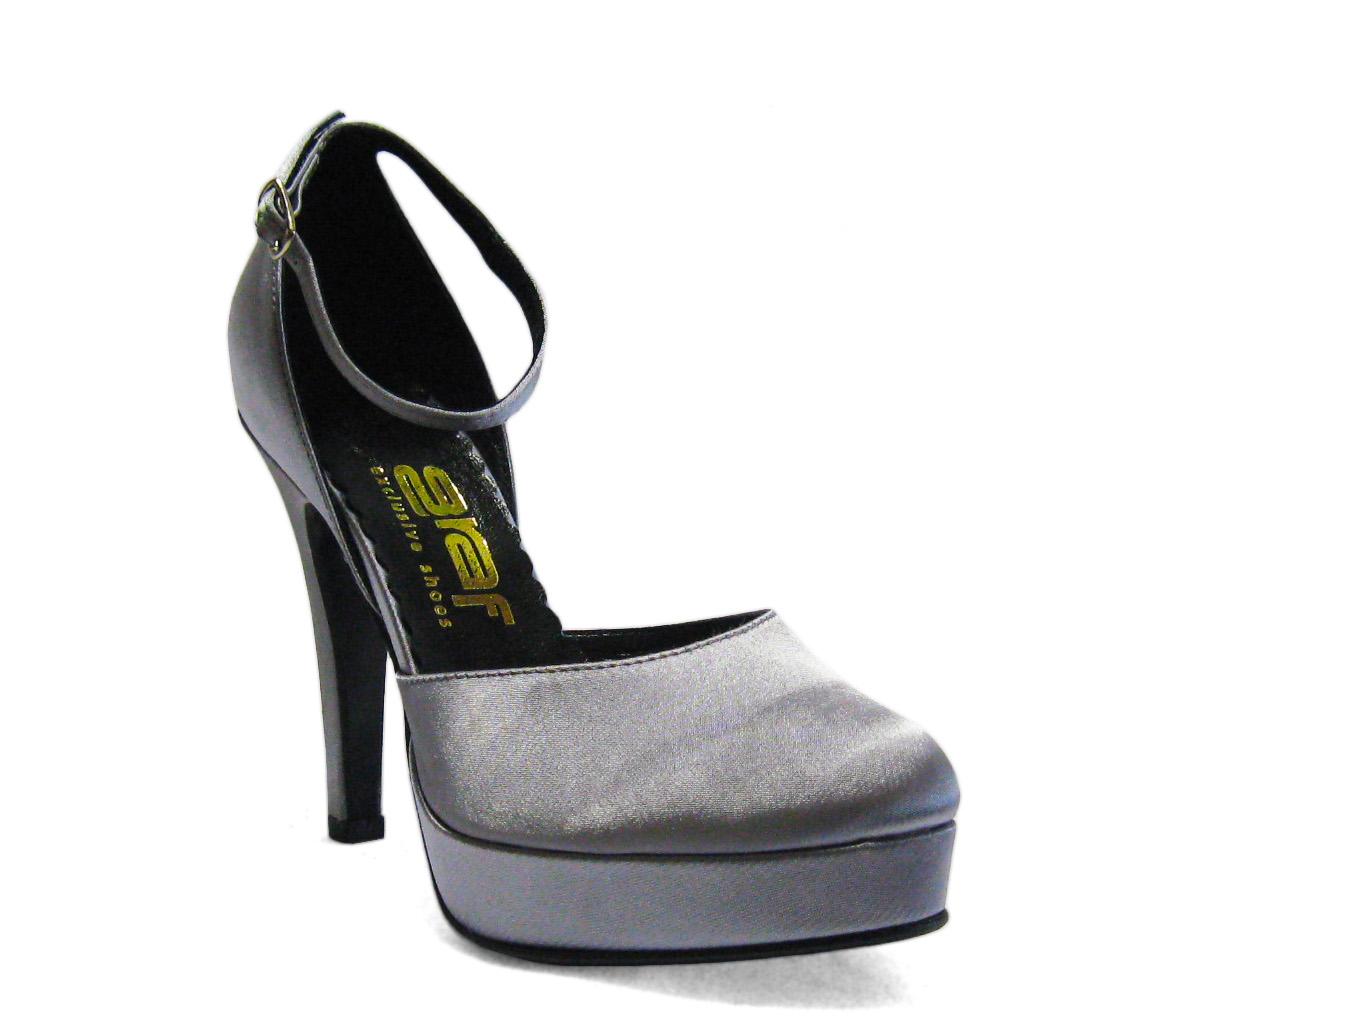 Svatební boty GRAF 076 - satén stříbrný-podměrná 7de4e2208c